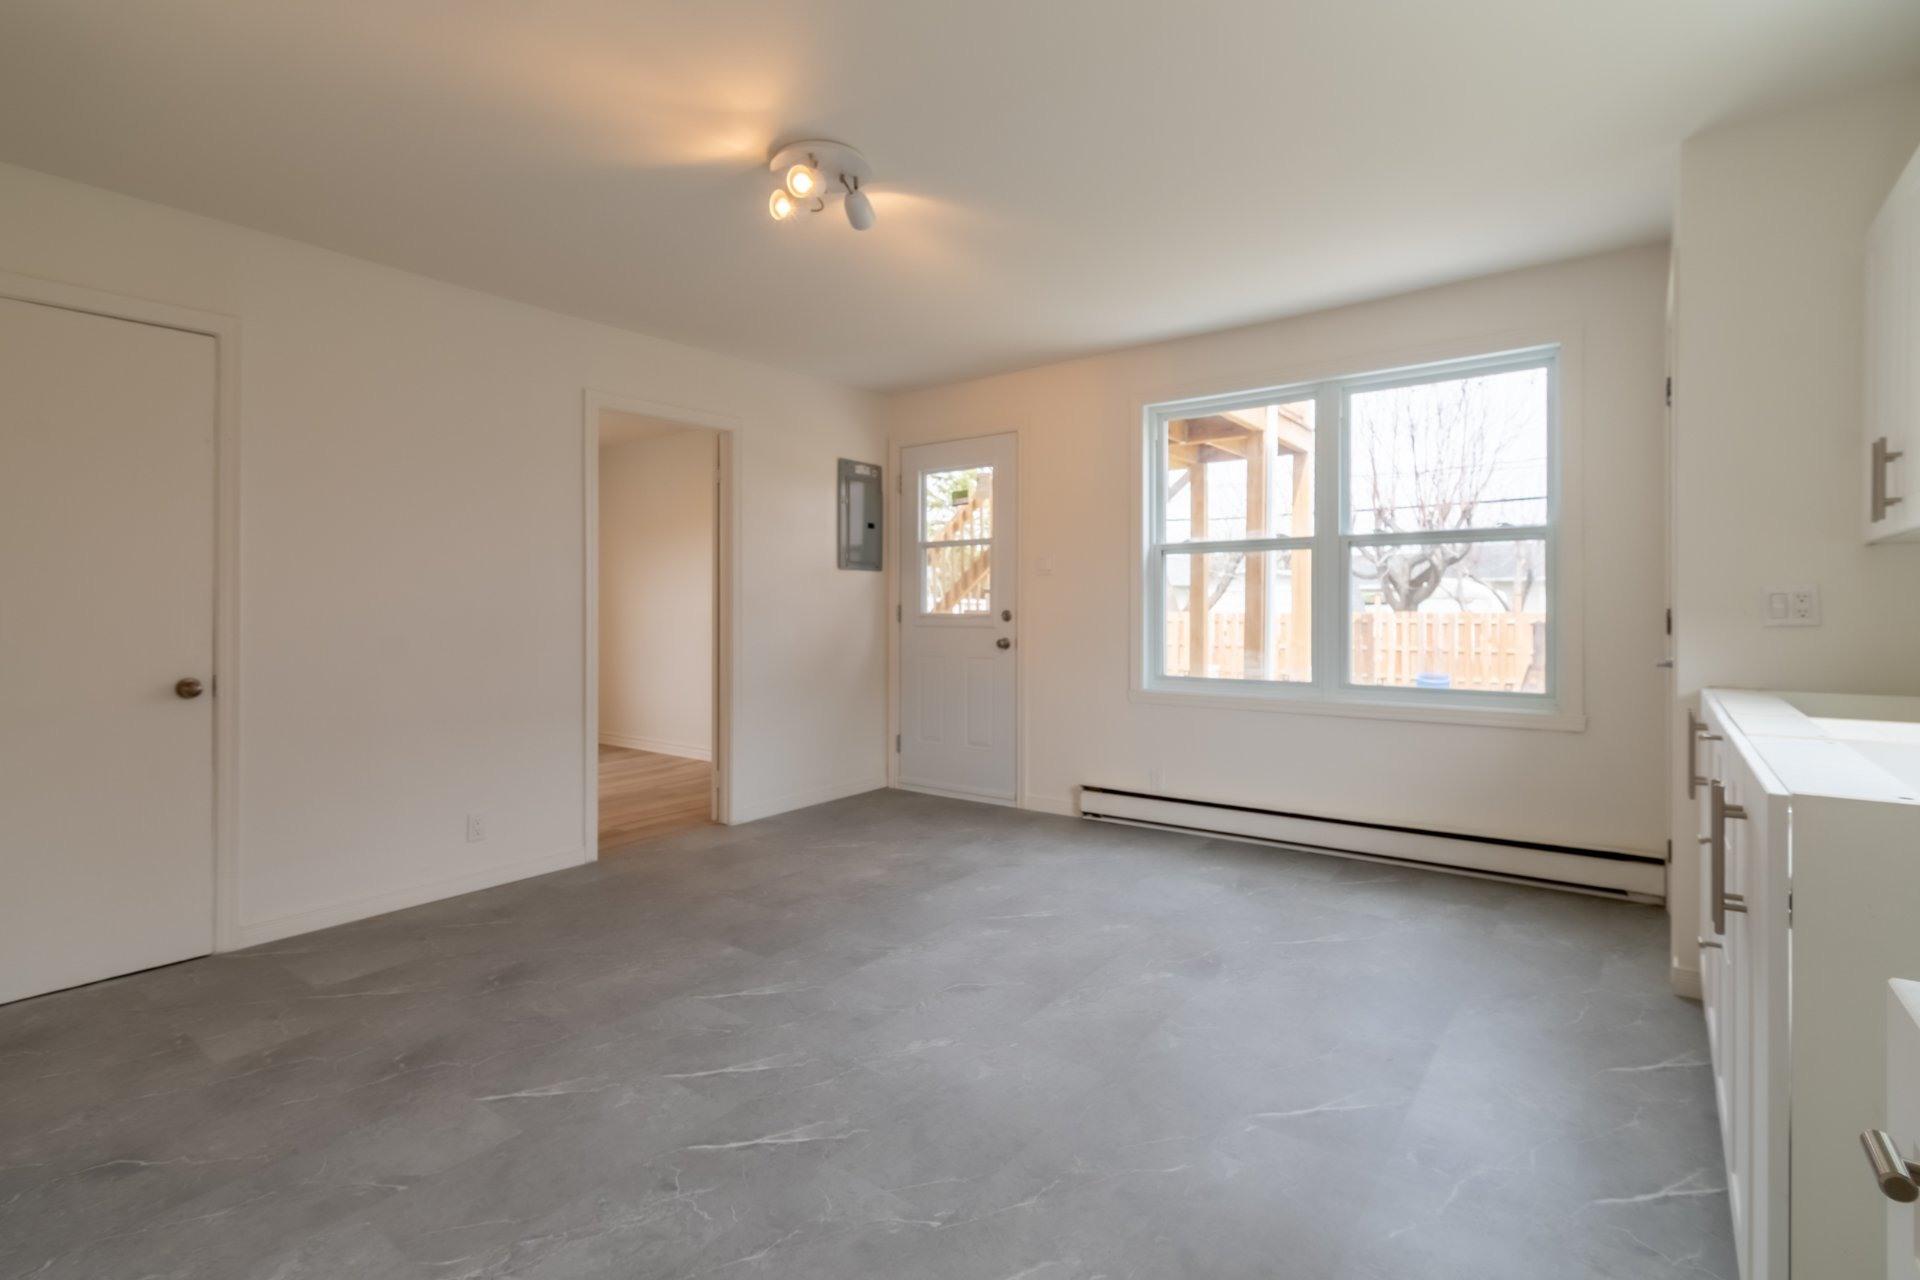 image 10 - Duplex For sale Trois-Rivières - 5 rooms